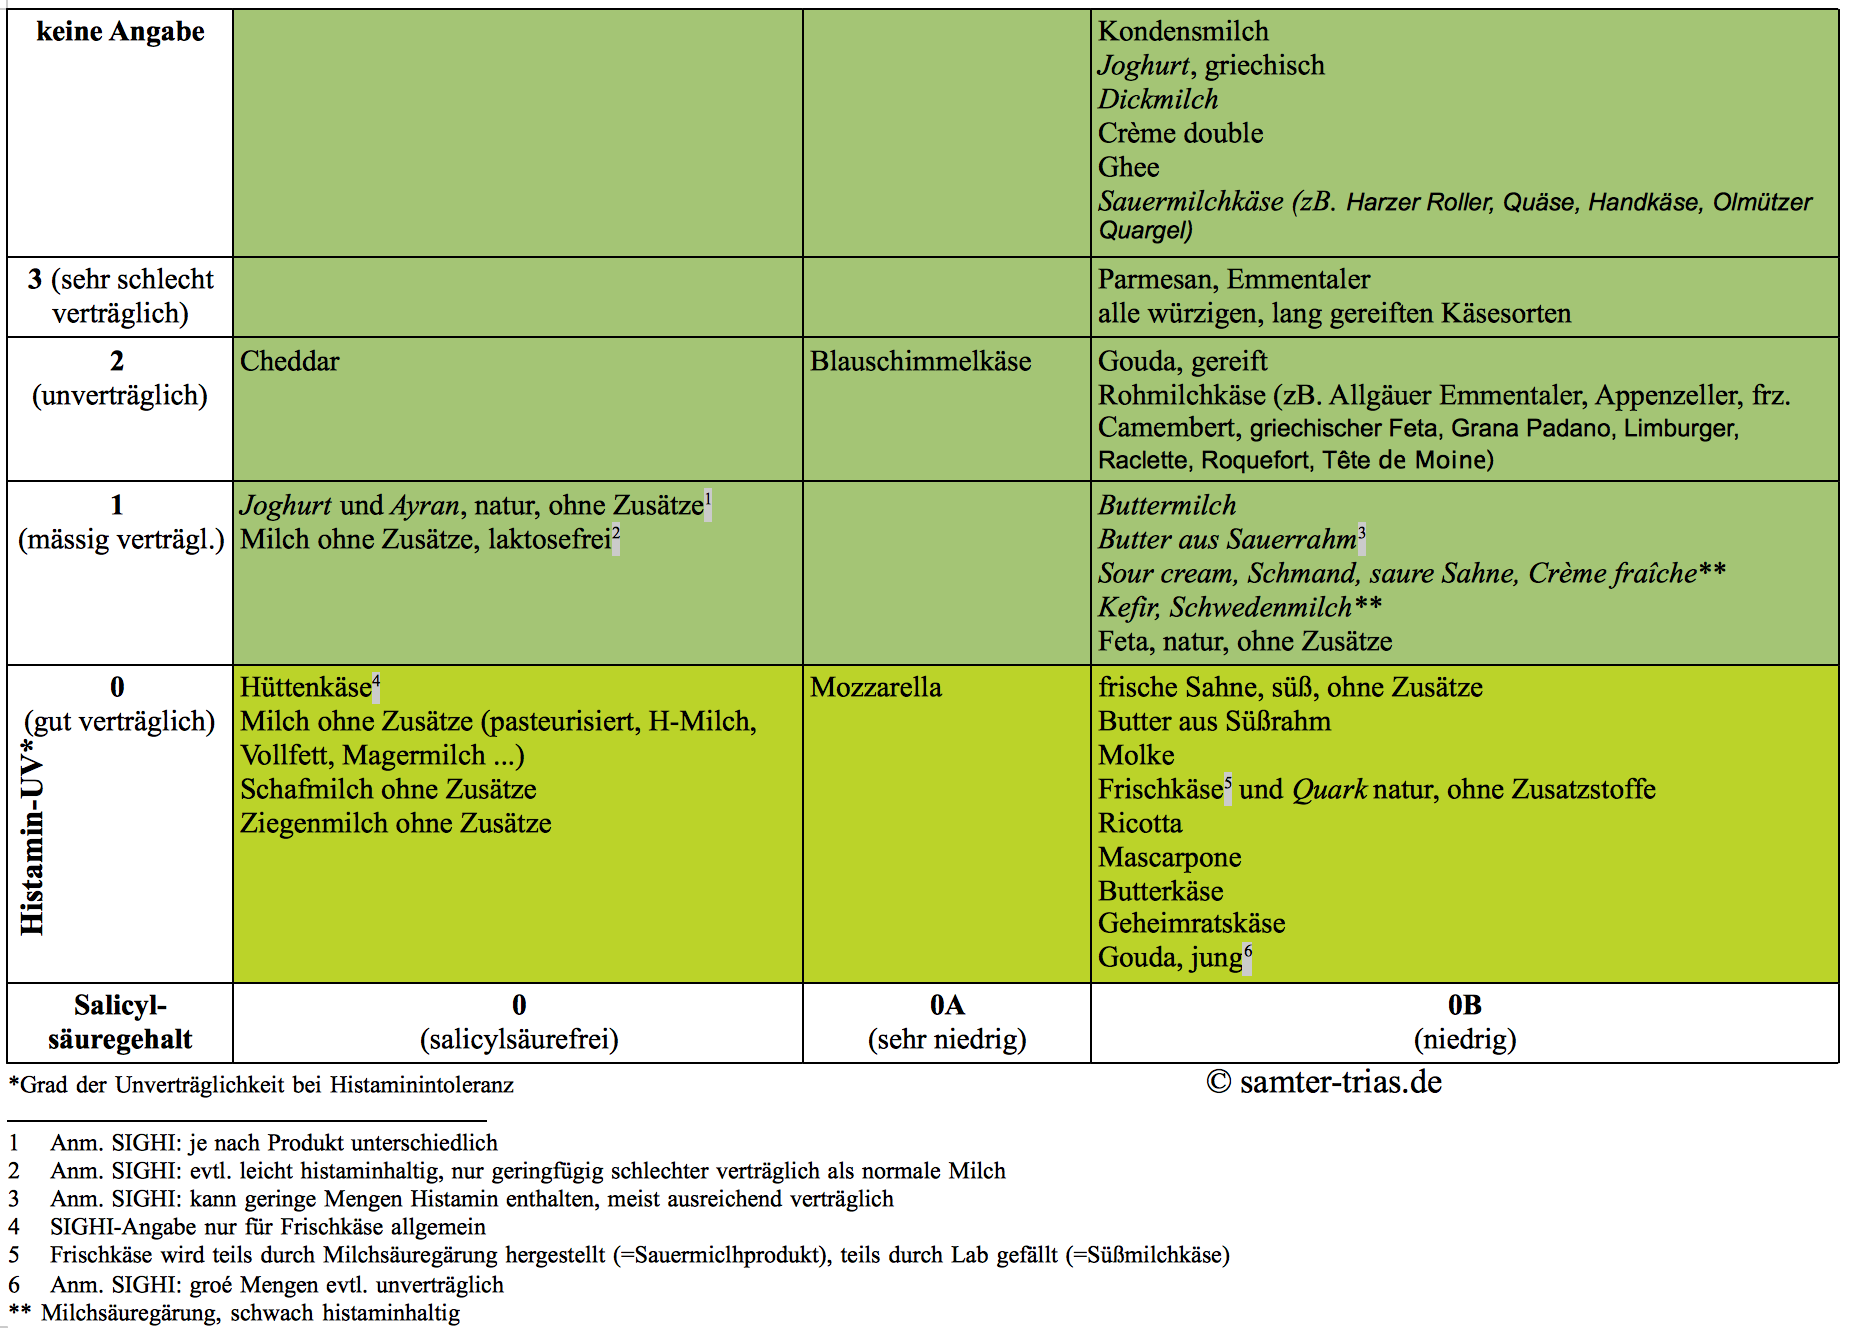 Tabelle mit dem Salicylsäure- und Histamingehalt von Milch und Milchprodukten